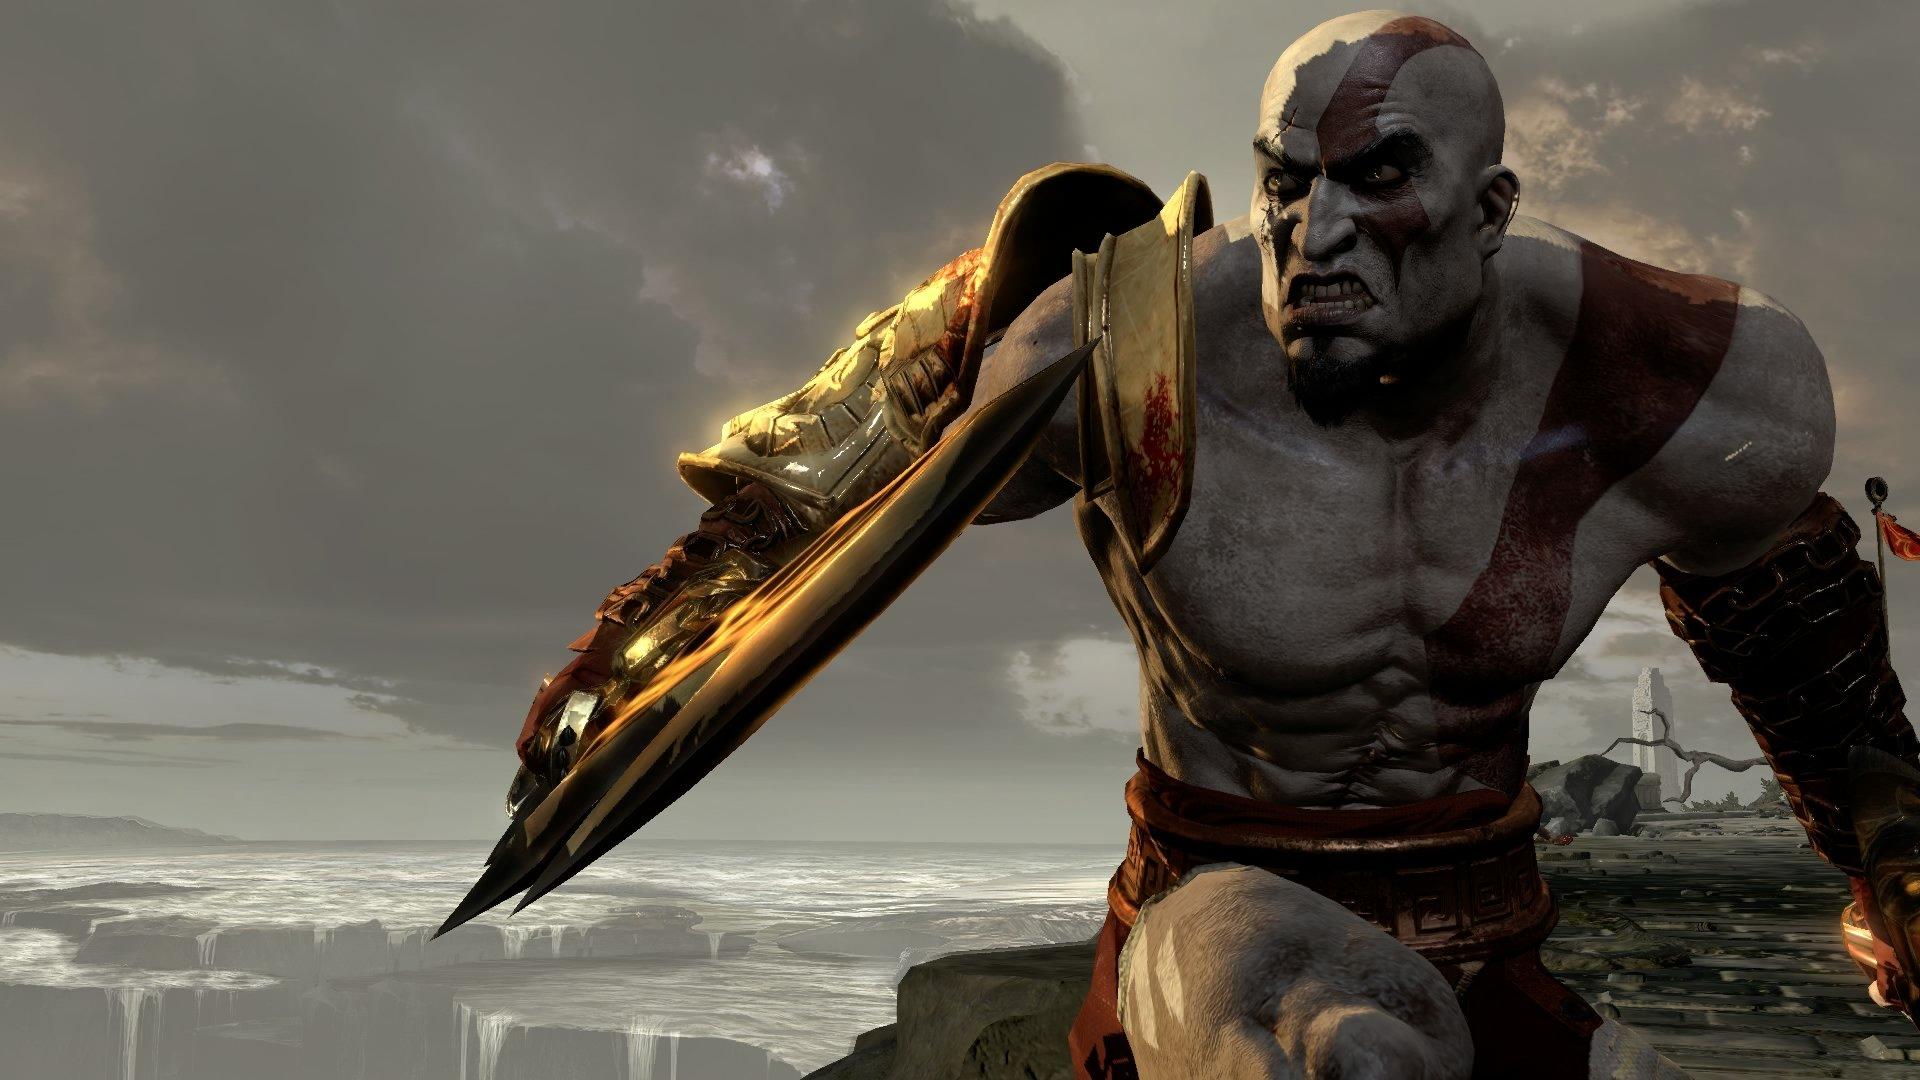 God Of War Kratos Hd Wallpaper